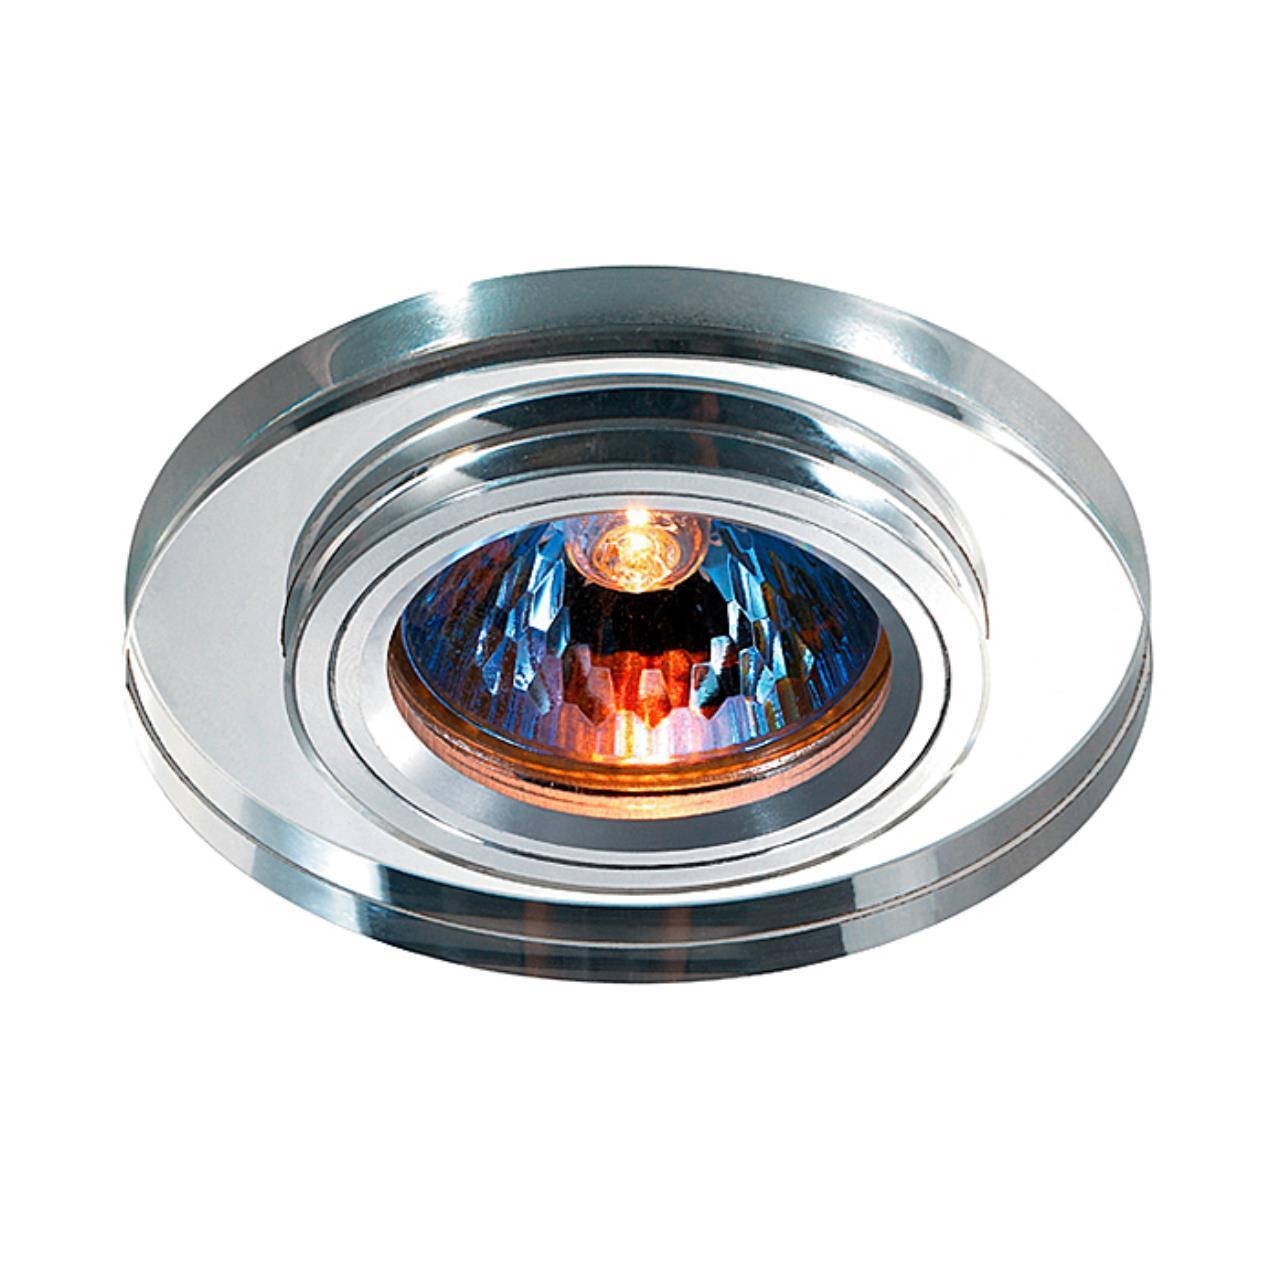 369756 SPOT NT12 131 алюминий/зеркальный Встраиваемый светильник IP20 GX5.3 50W 12V MIRROR